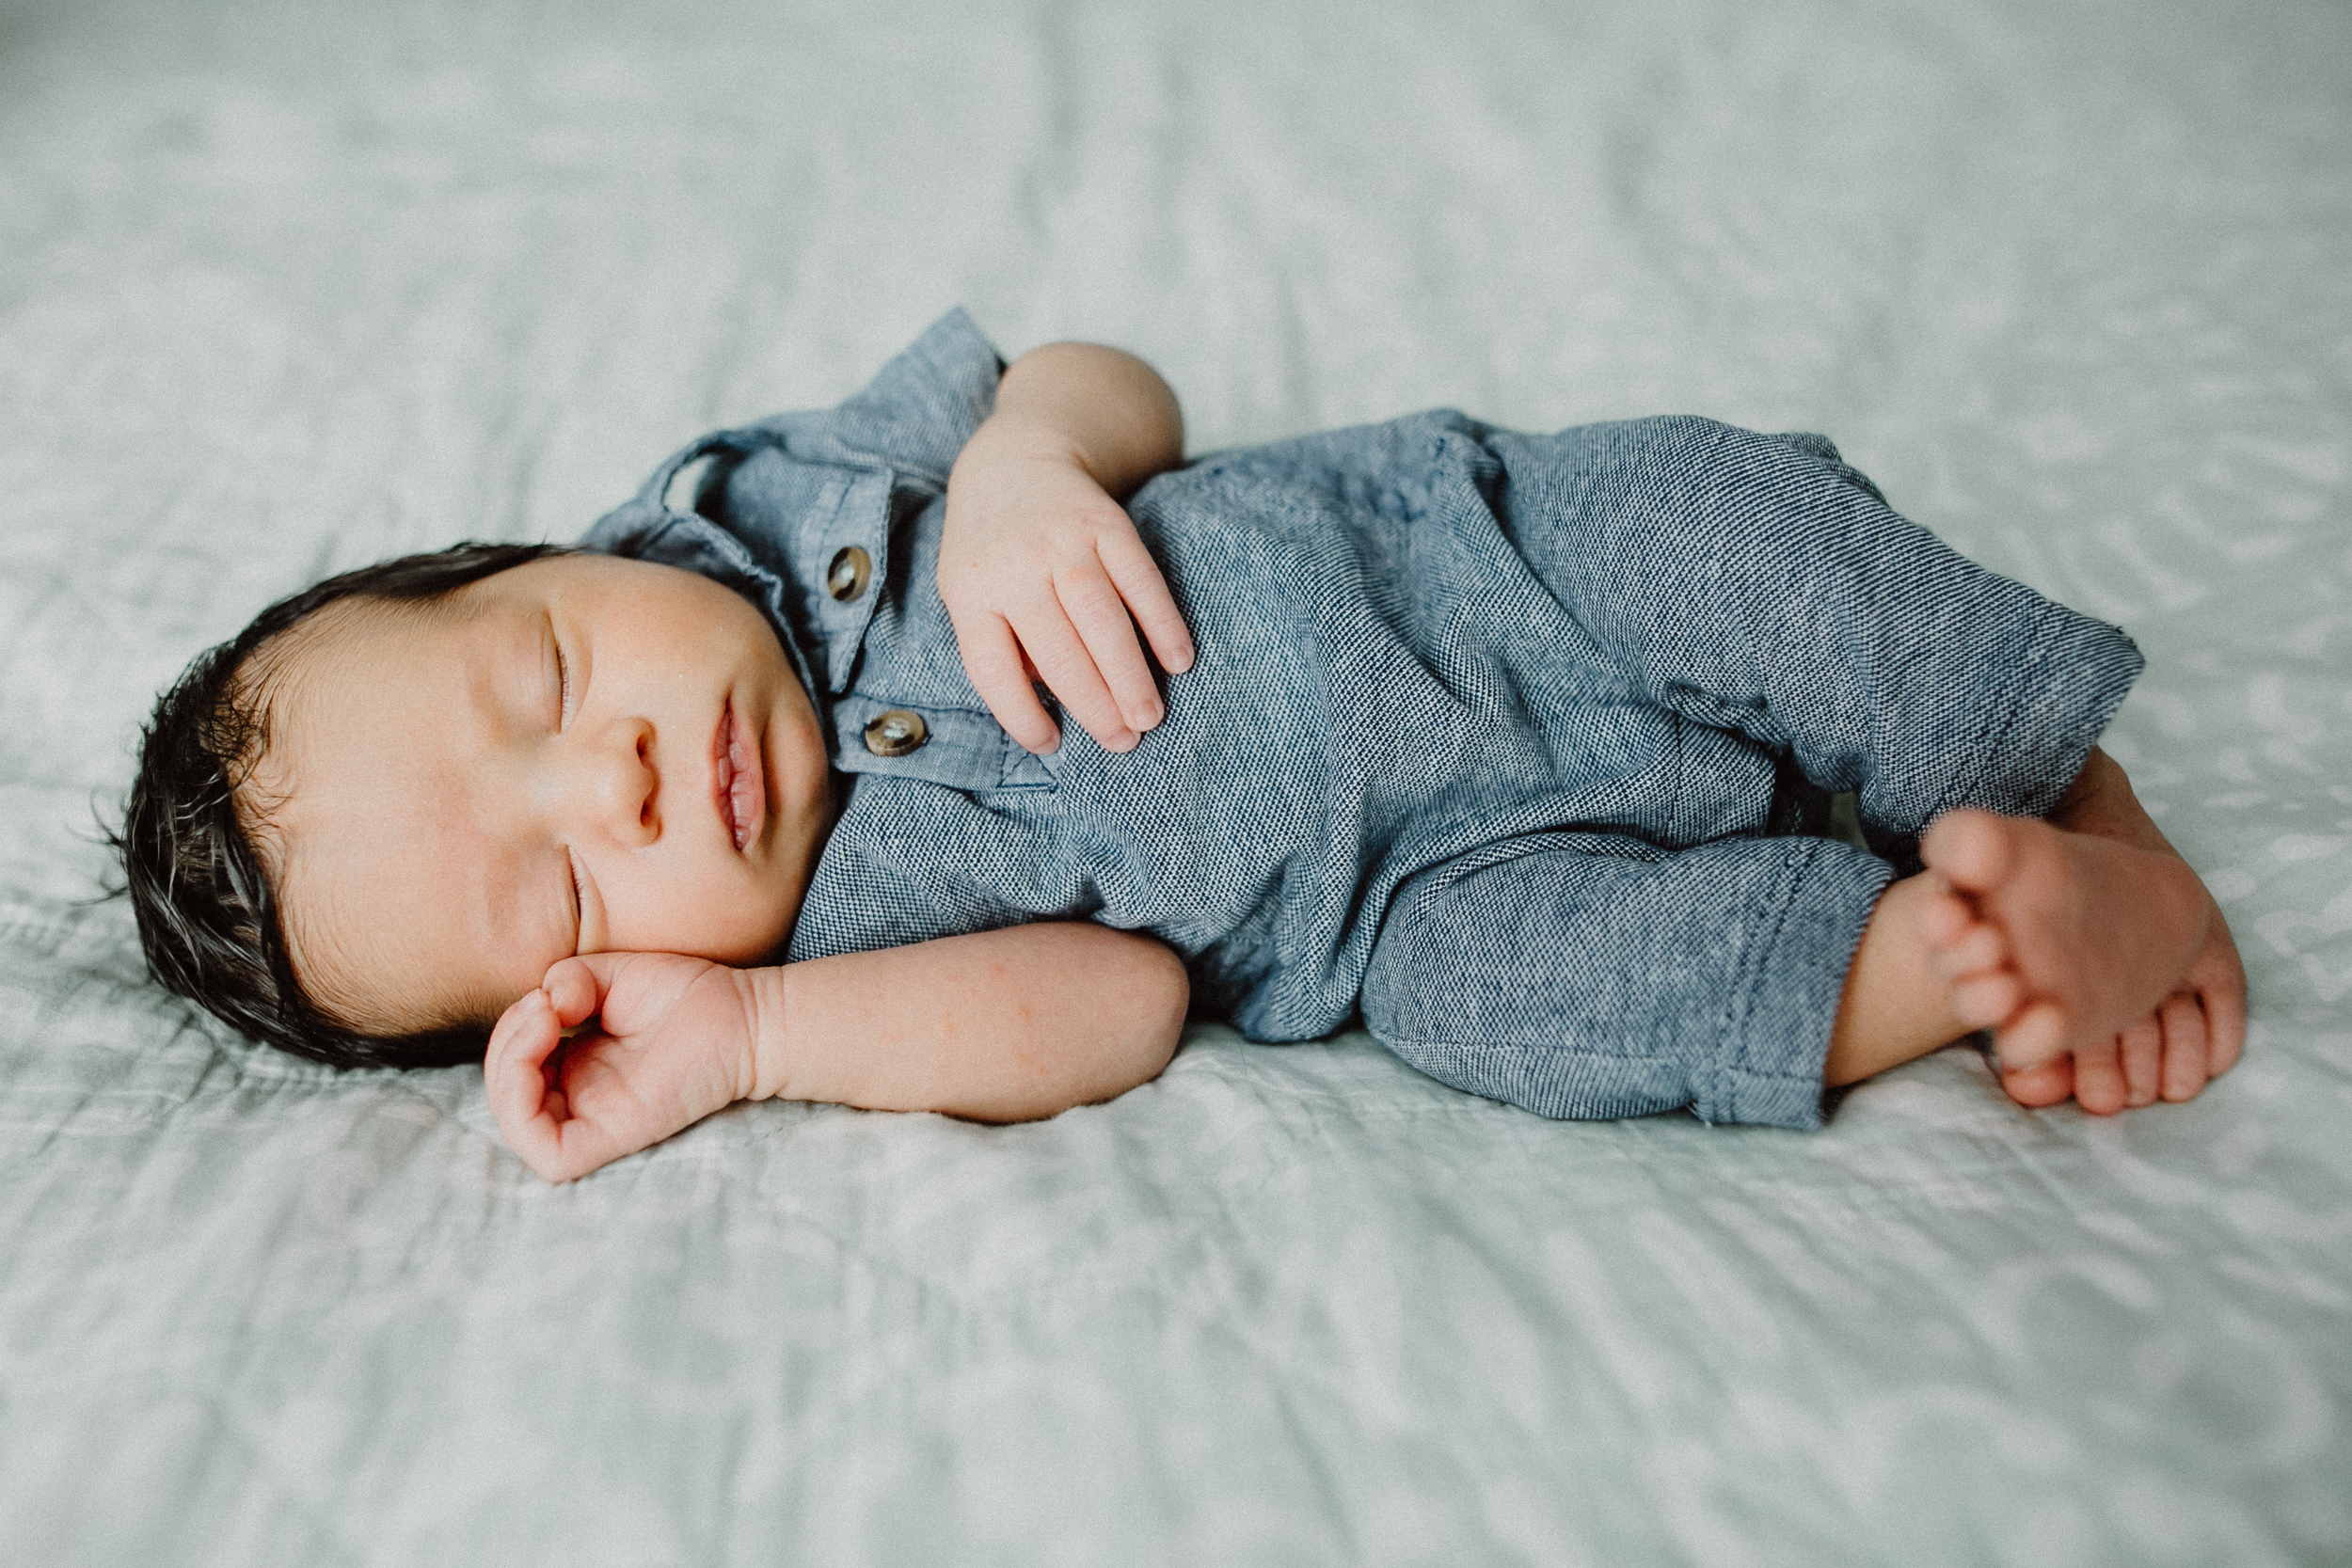 newborn baby on bed in austin